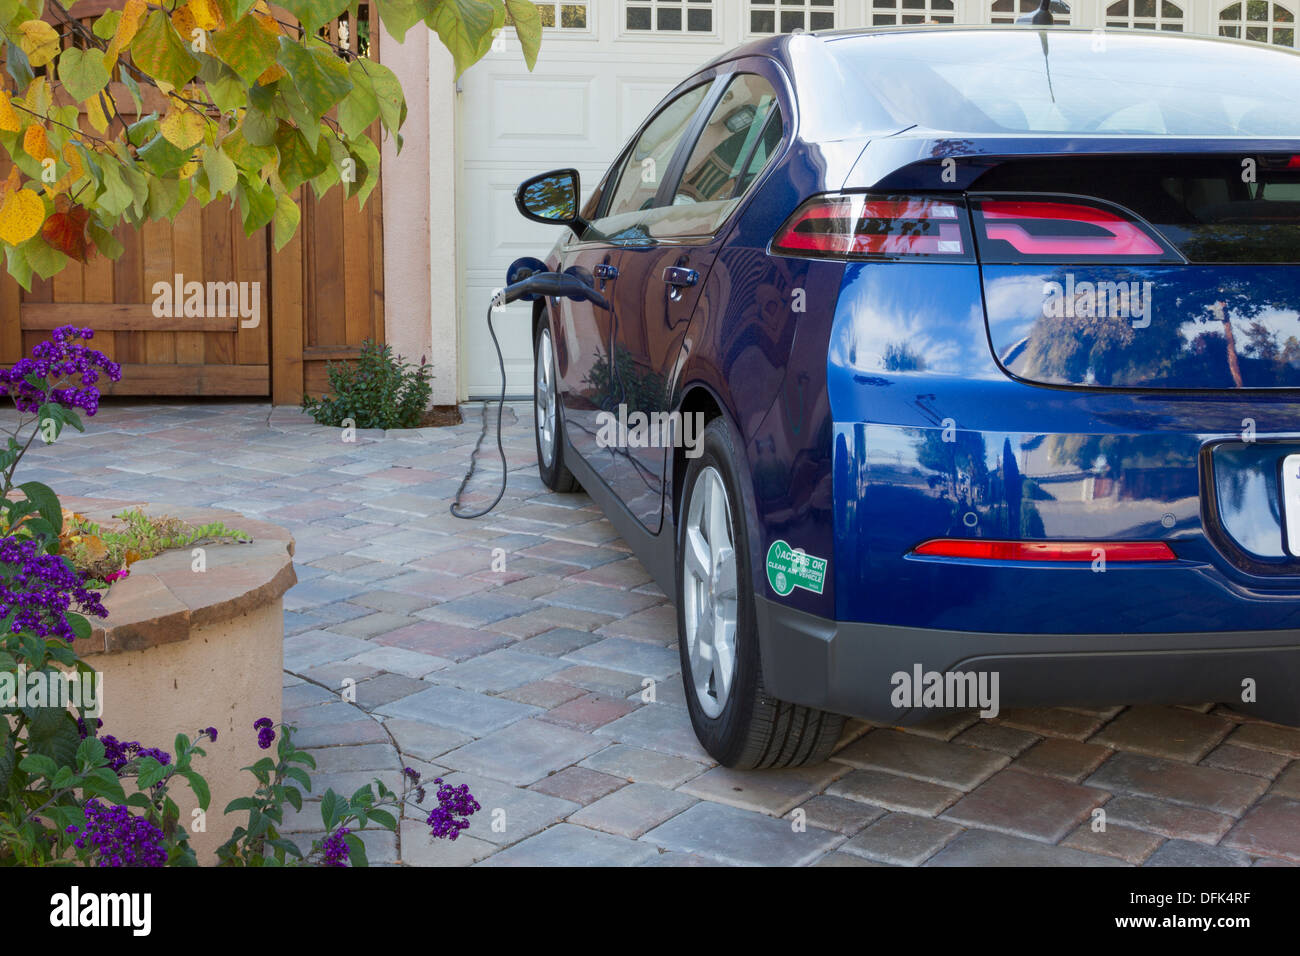 Plug-in coche eléctrico con carpool sticker estacionado en la cochera, con el conector enchufado y cargando Imagen De Stock